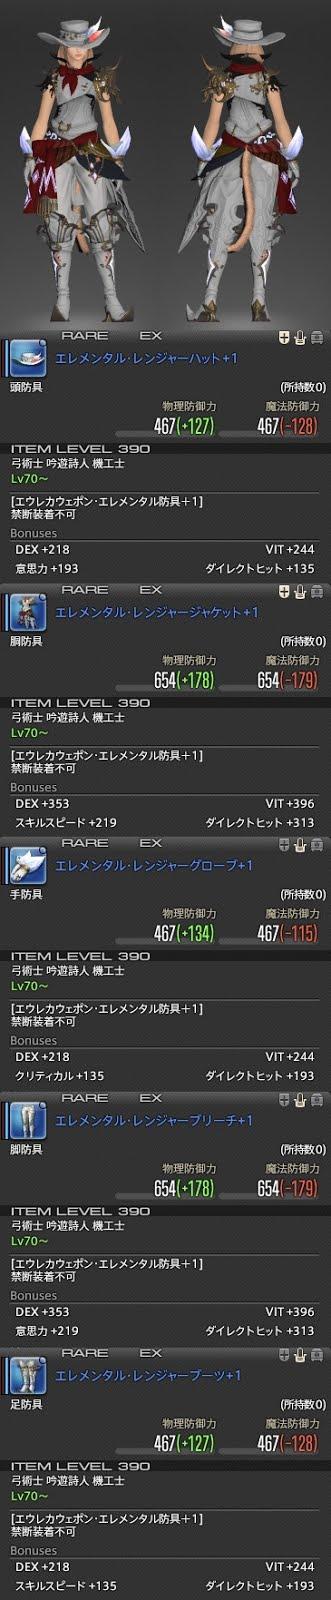 「FF14」エレメンタル・レンジャー+1シリーズ